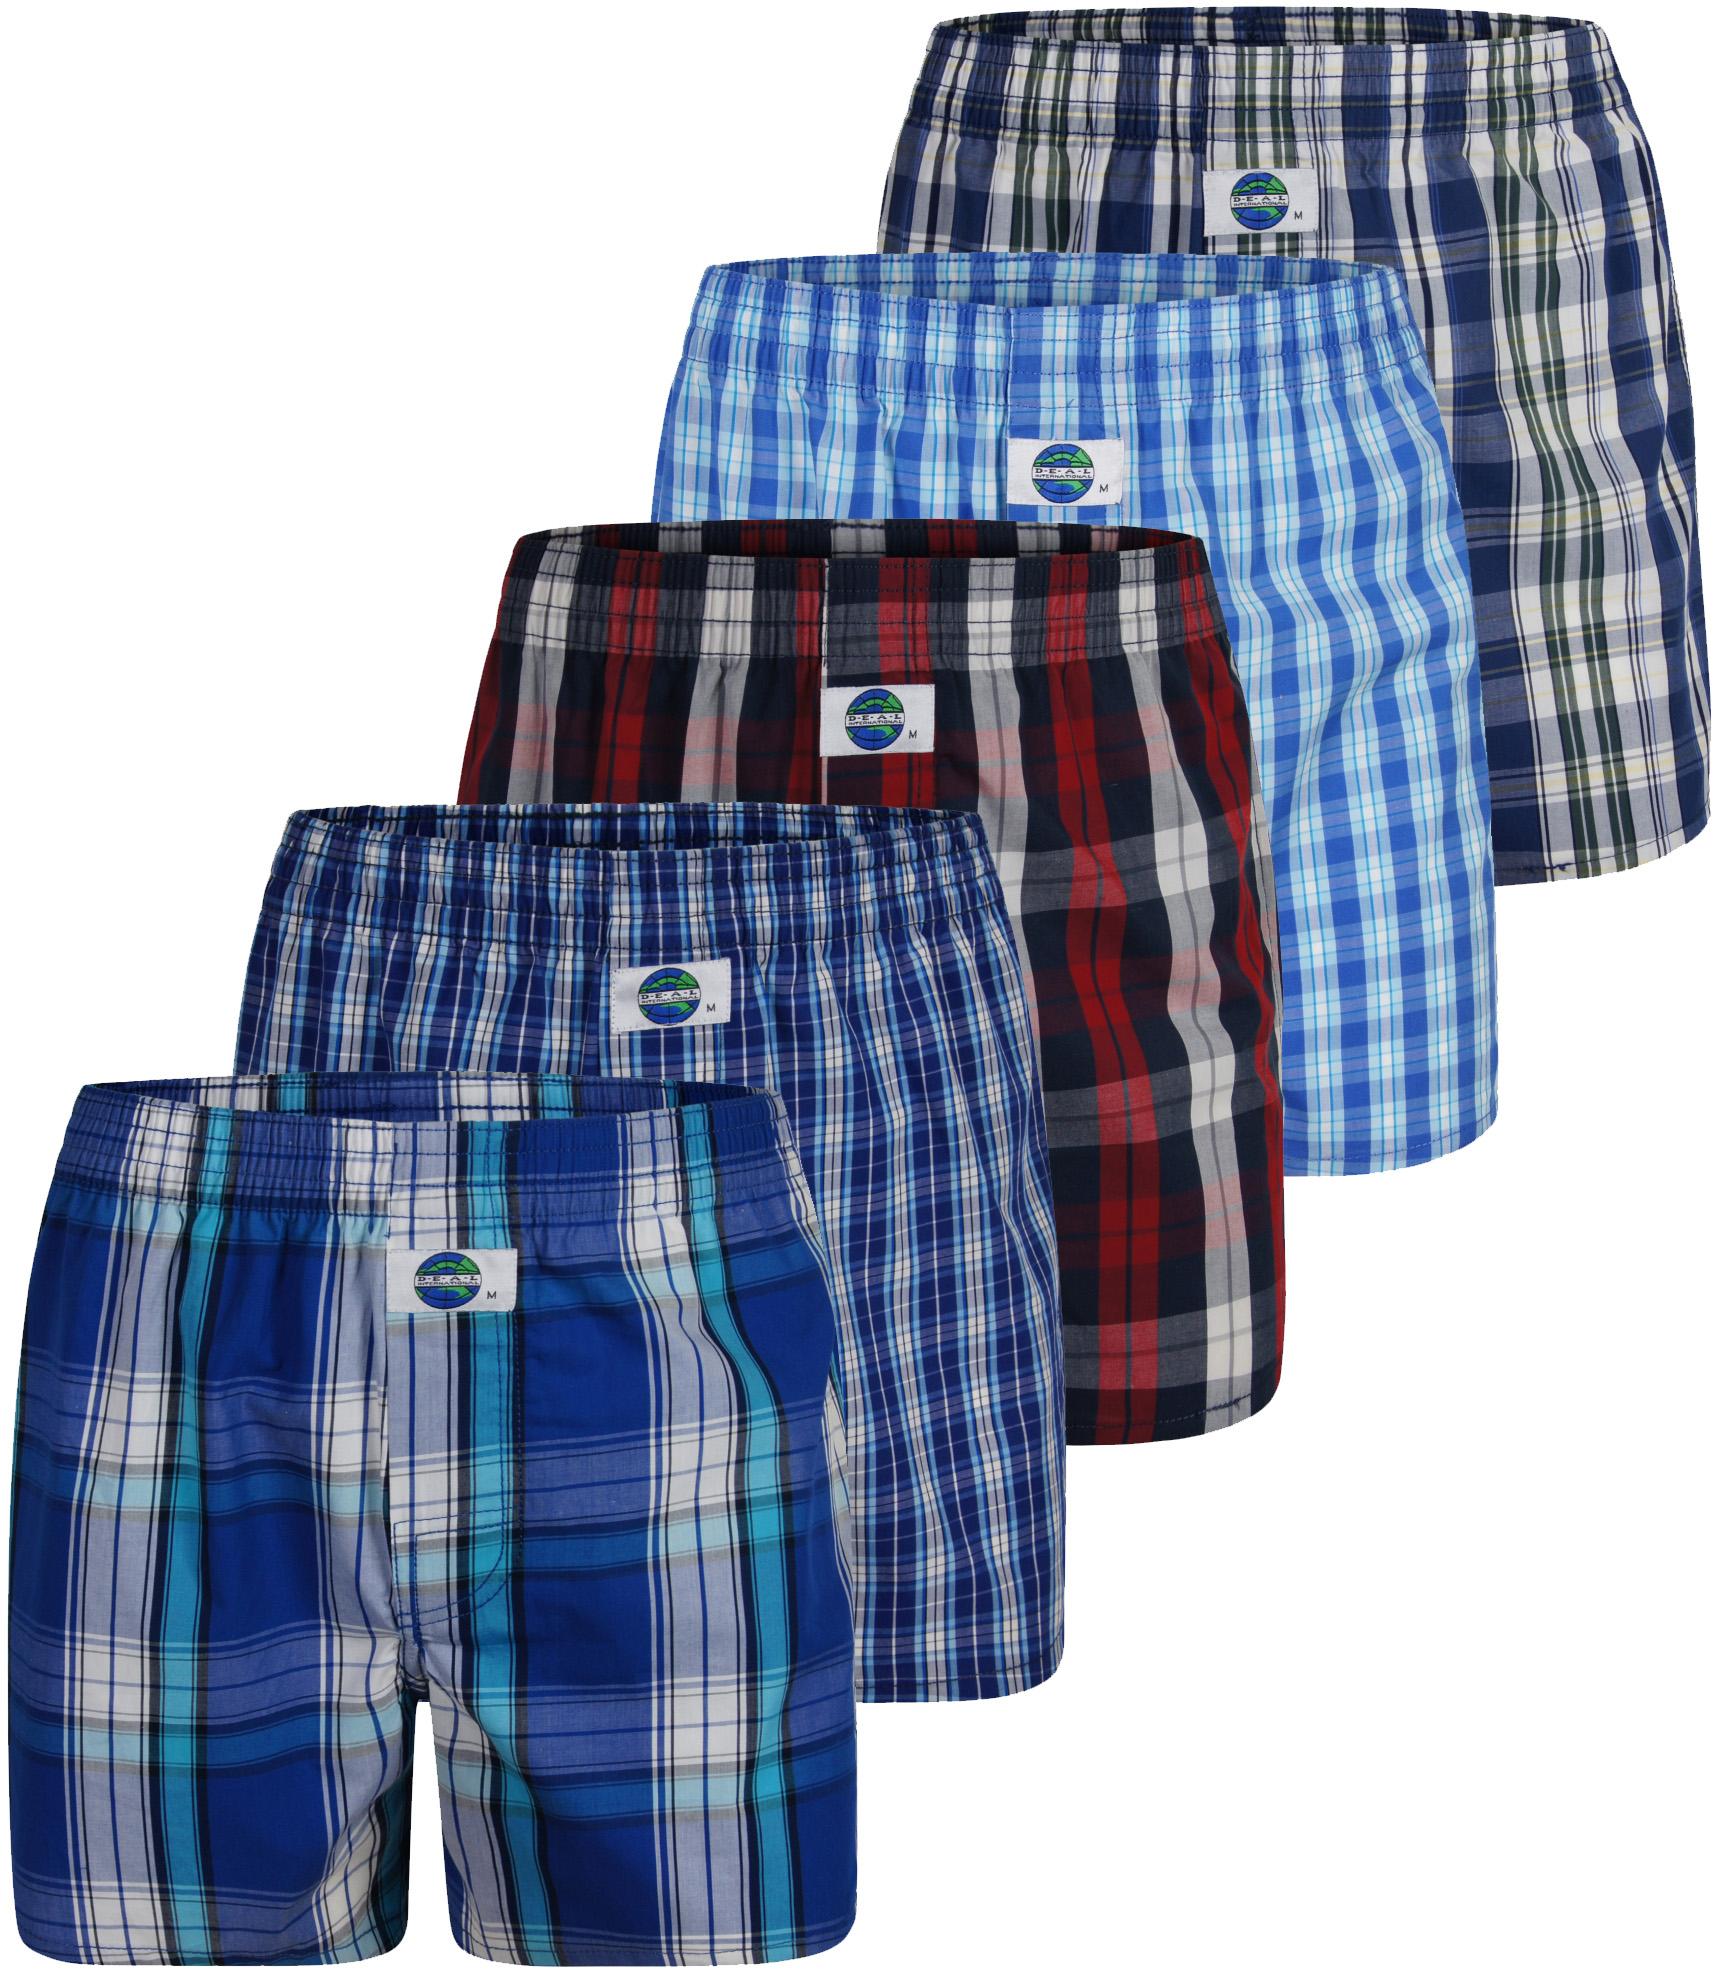 deal boxershorts 5 pack karos mehrfarbig s xxl ebay. Black Bedroom Furniture Sets. Home Design Ideas